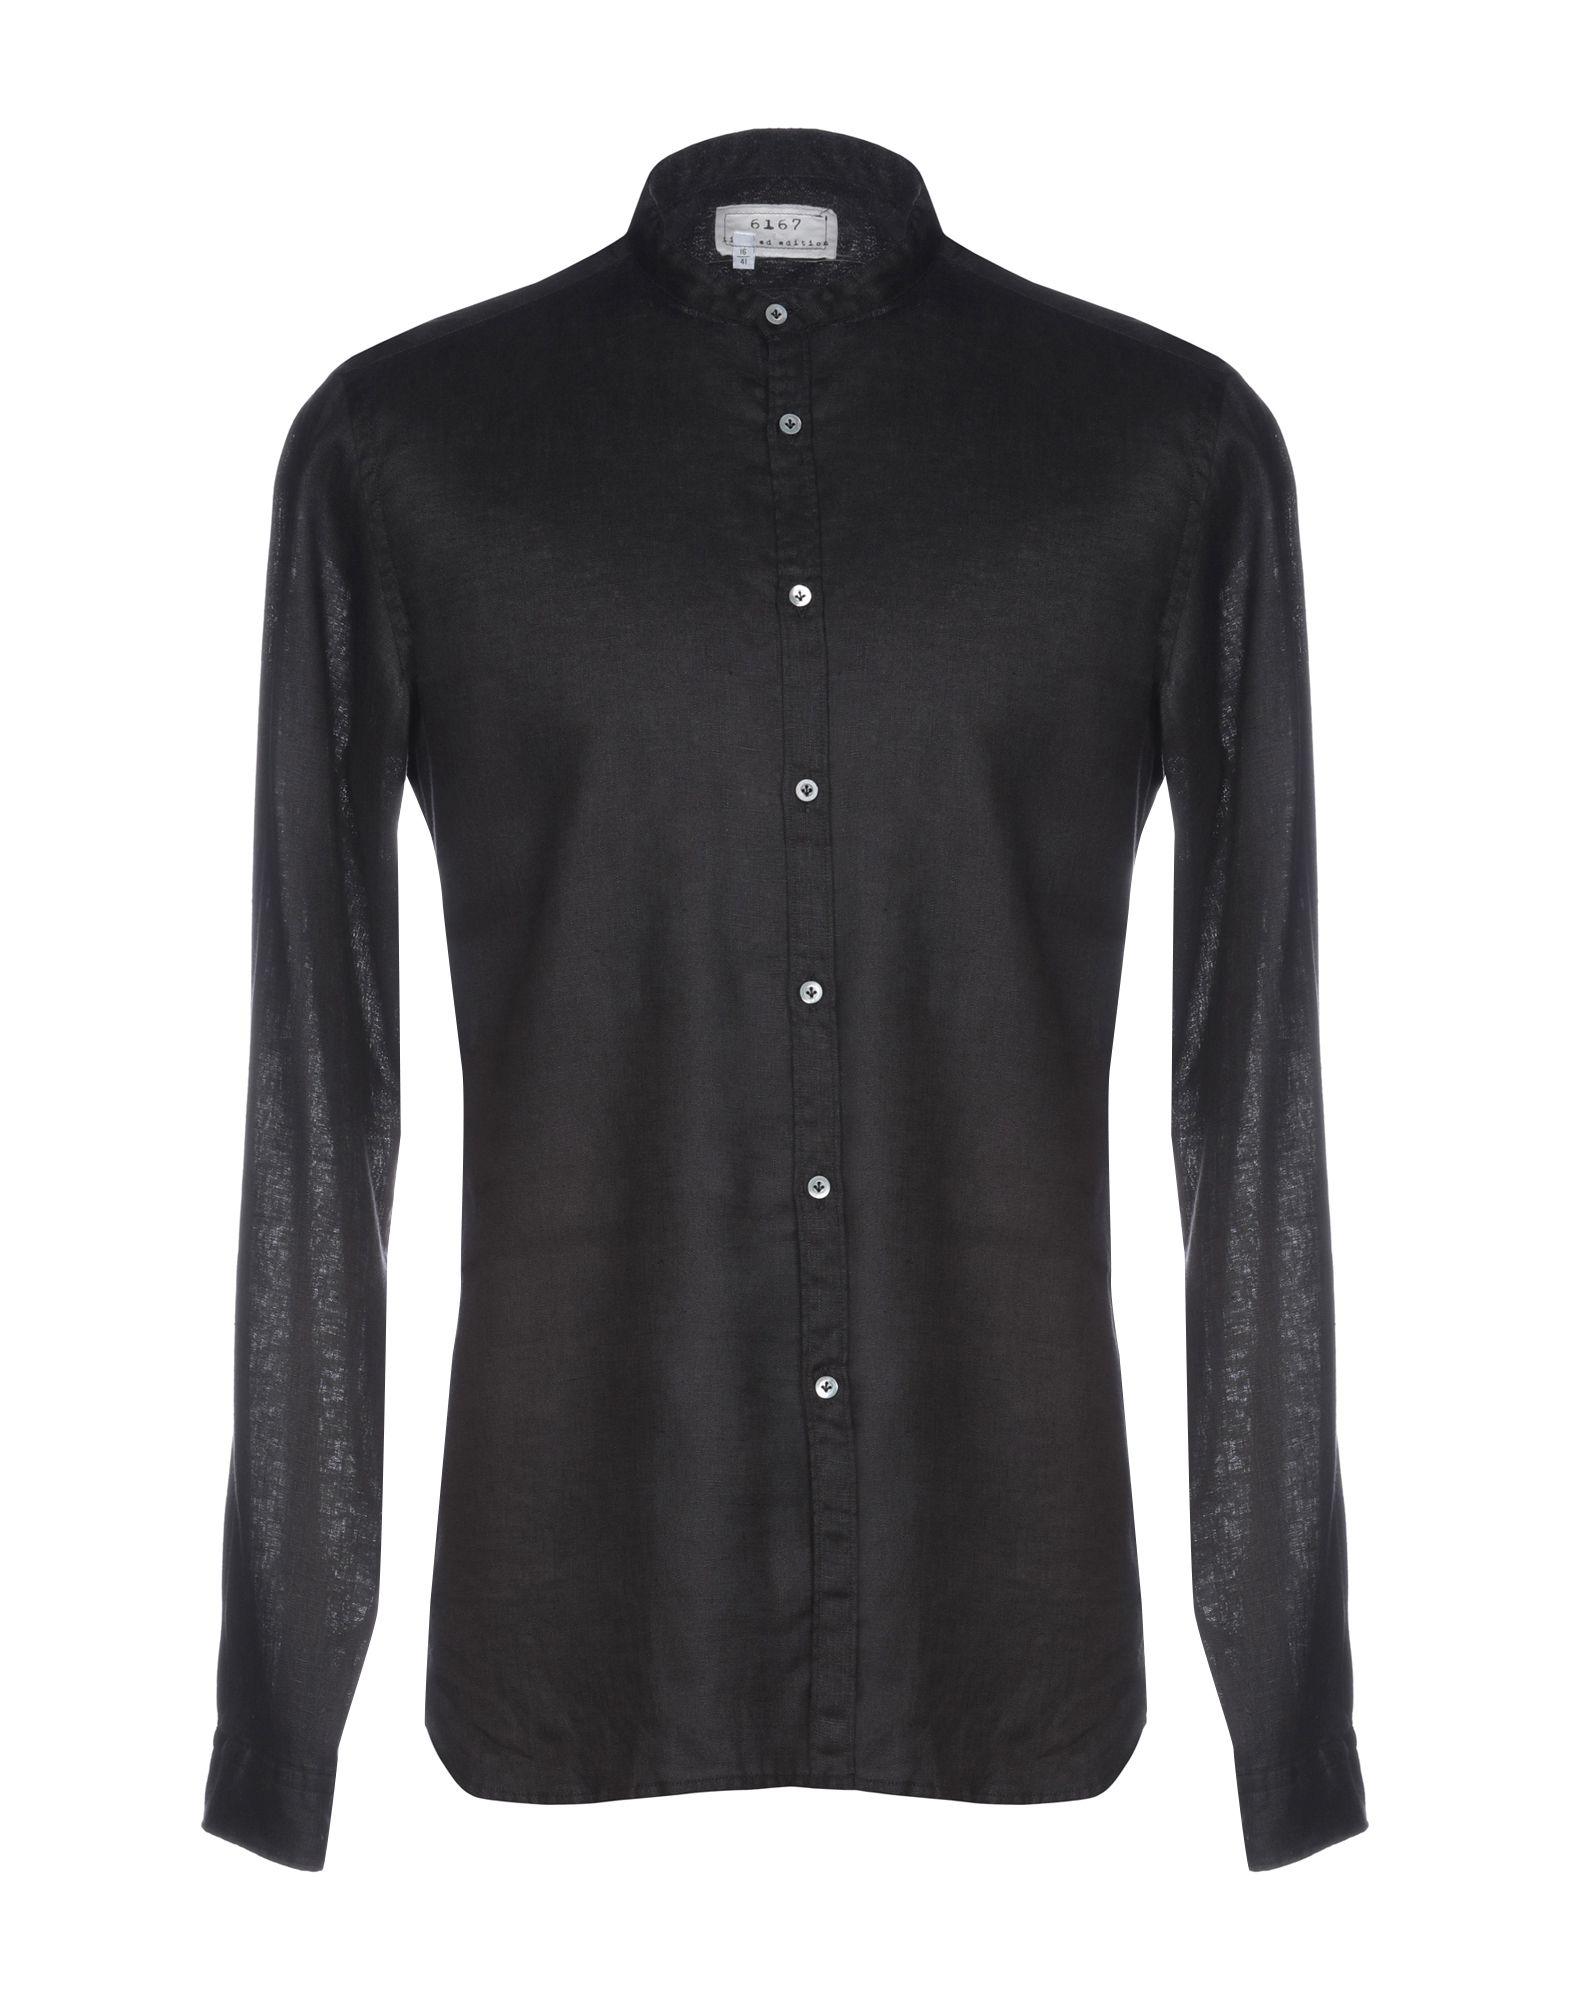 《送料無料》6167 メンズ シャツ ブラック 41 麻 100%